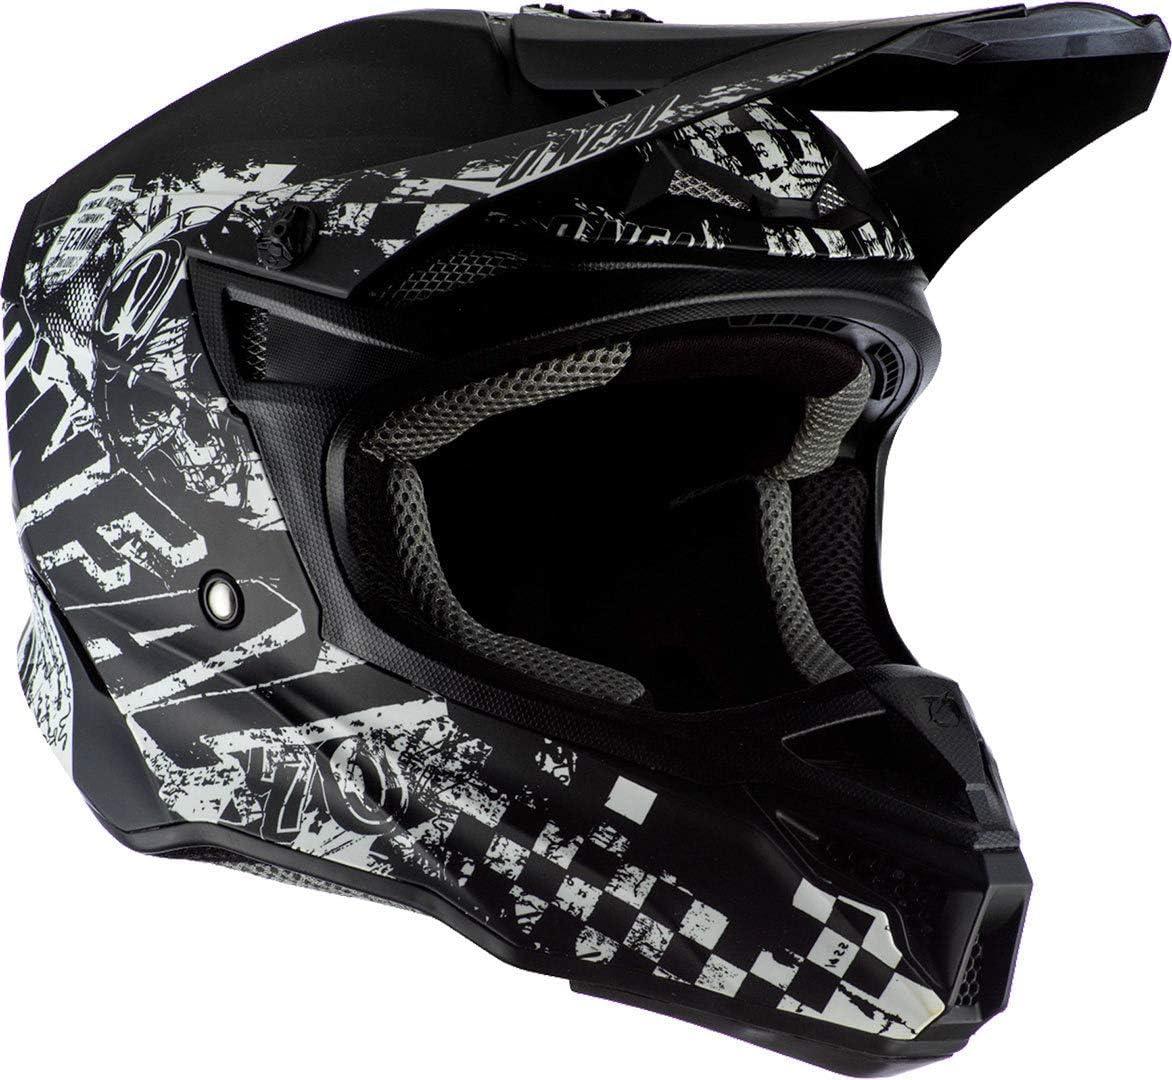 53//54cm 5SRS Polyacrylite Helmet RIDER black//white XS